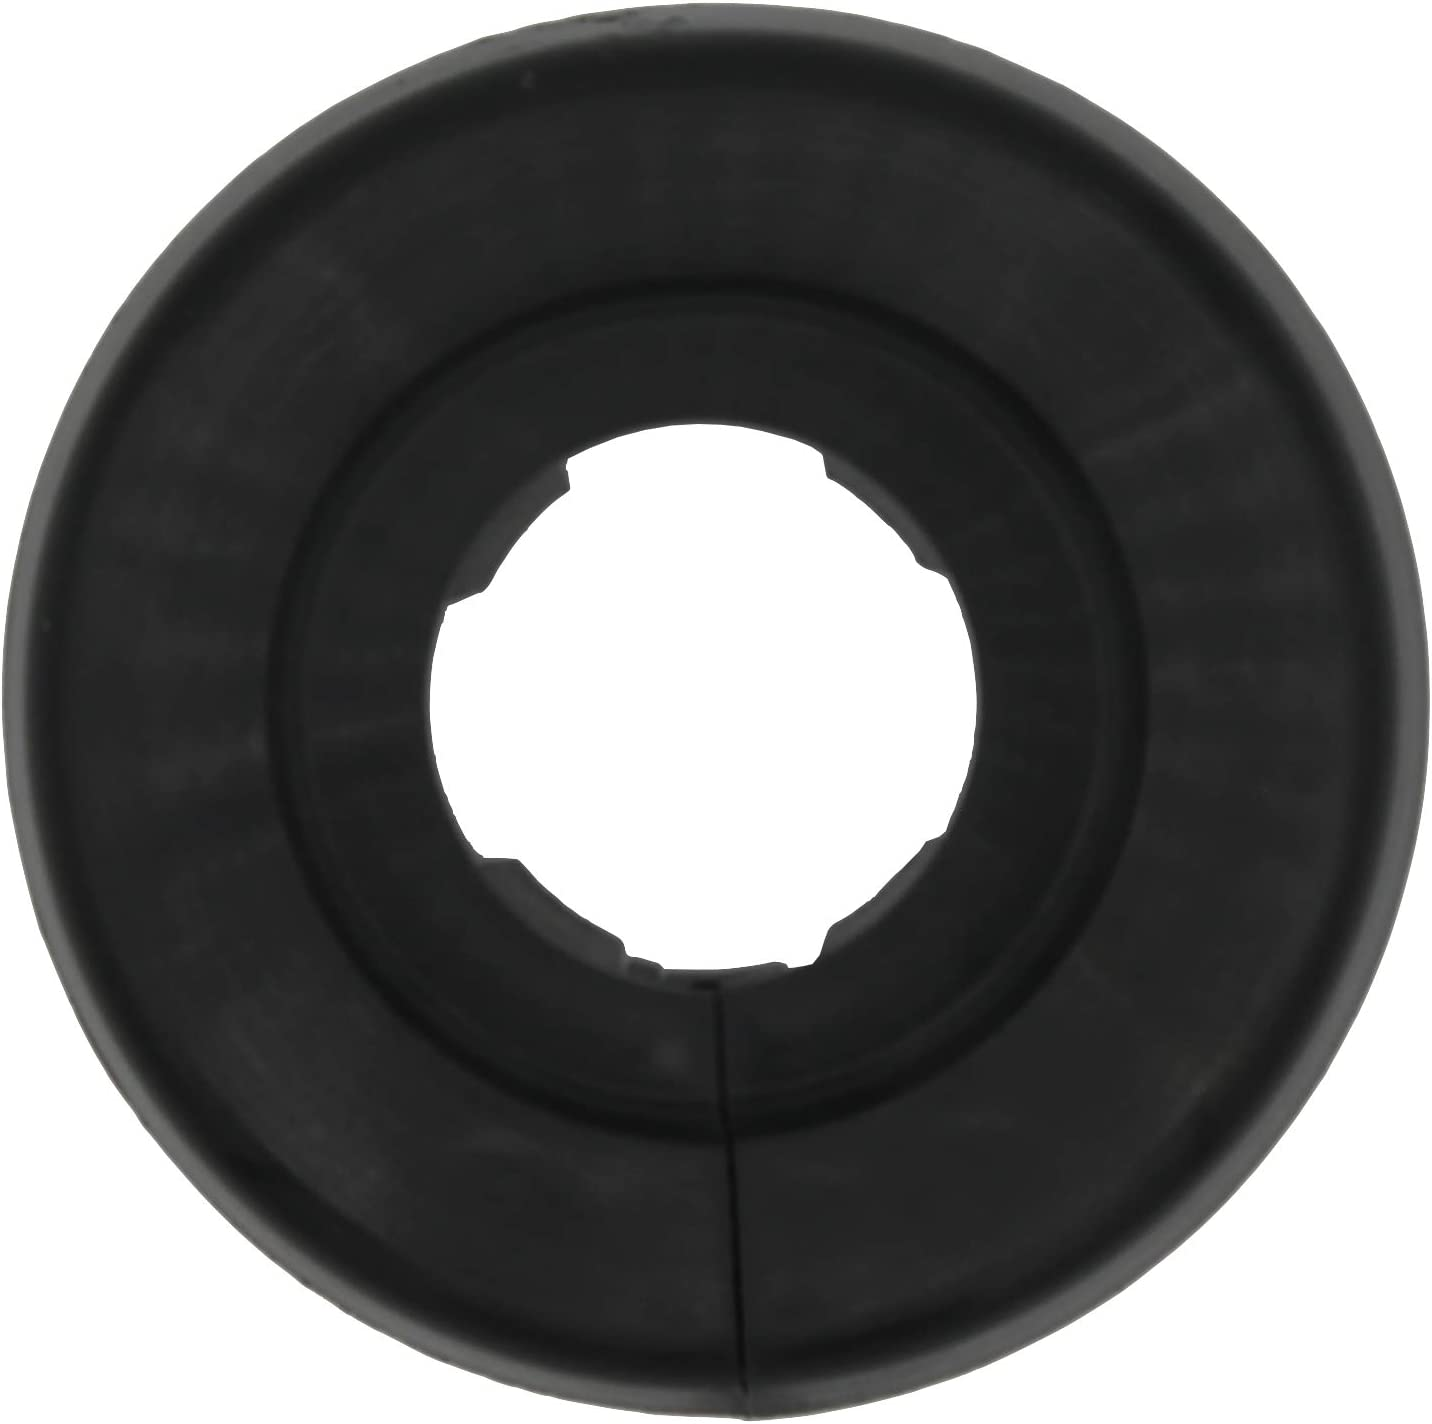 marr/ón gris 2 Piezas de rosetones para tubos de calefacci/ón 22mm; protectoras radiador // rosetas // cubiertas 15mm, RAL 9006 pl/ástico negro 18mm Aluminio Blanco para tubo di/ámetros: 15mm